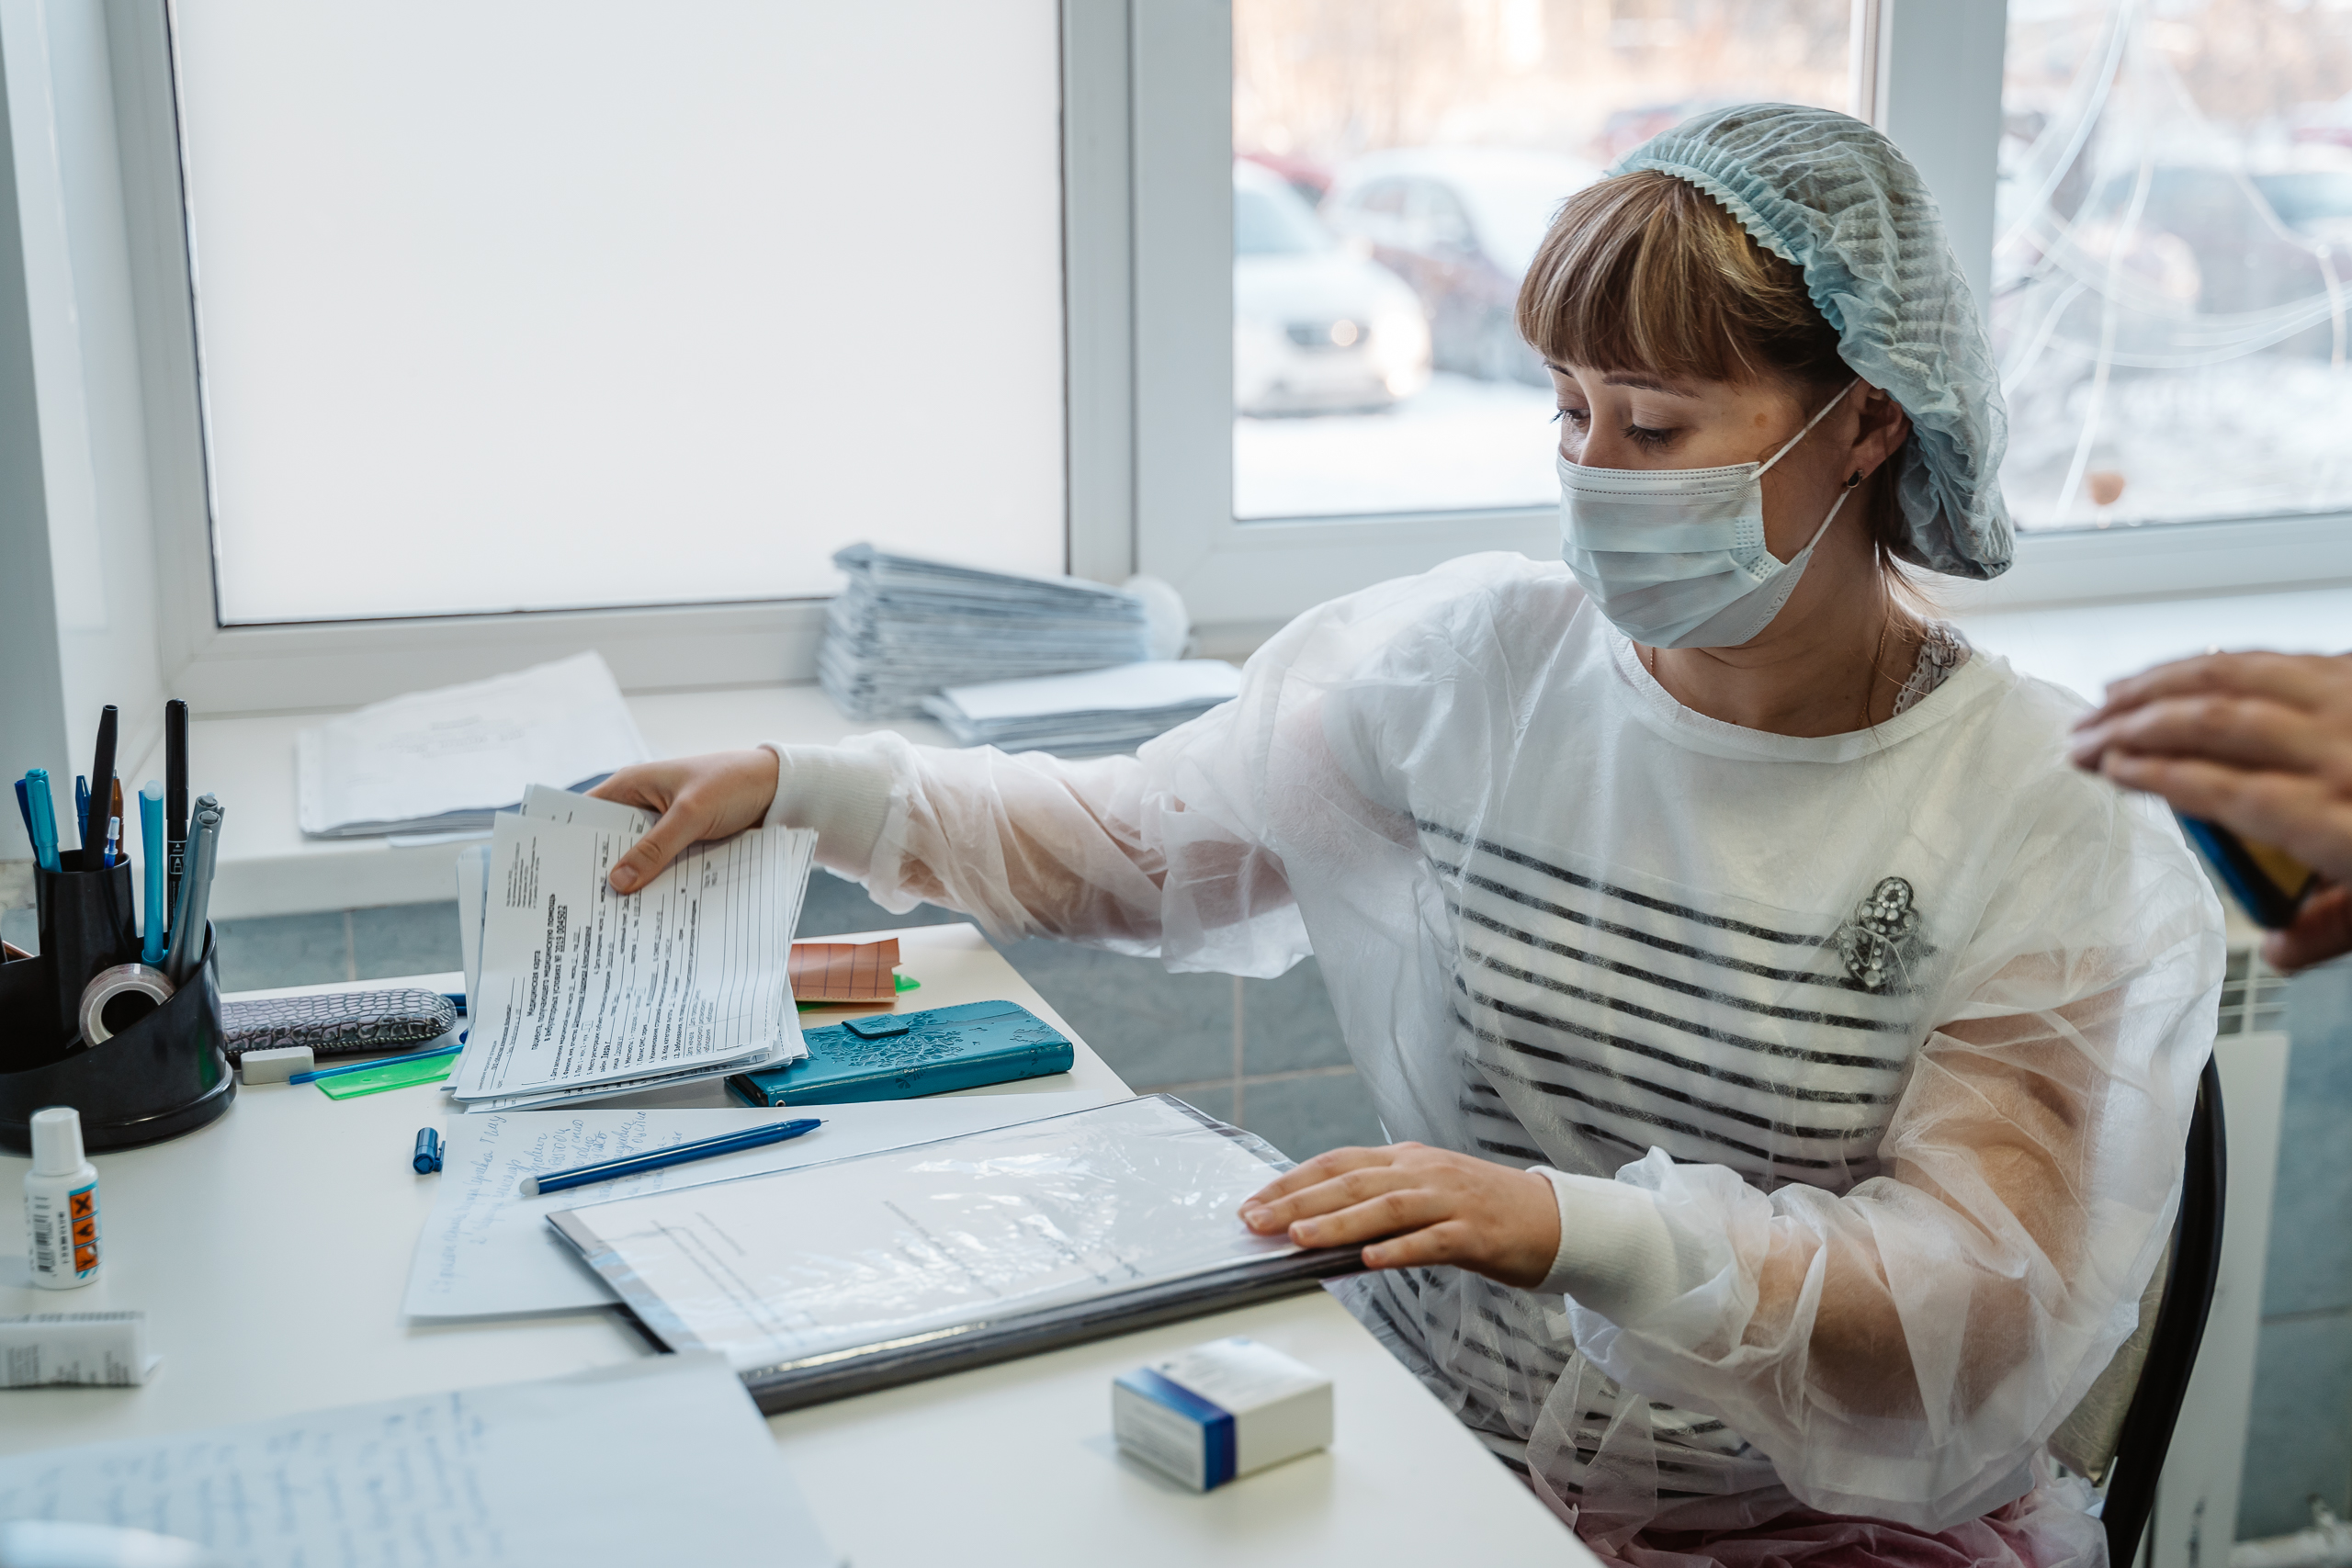 Жителям Тверской области рассказали, кому нельзя делать прививку от коронавируса